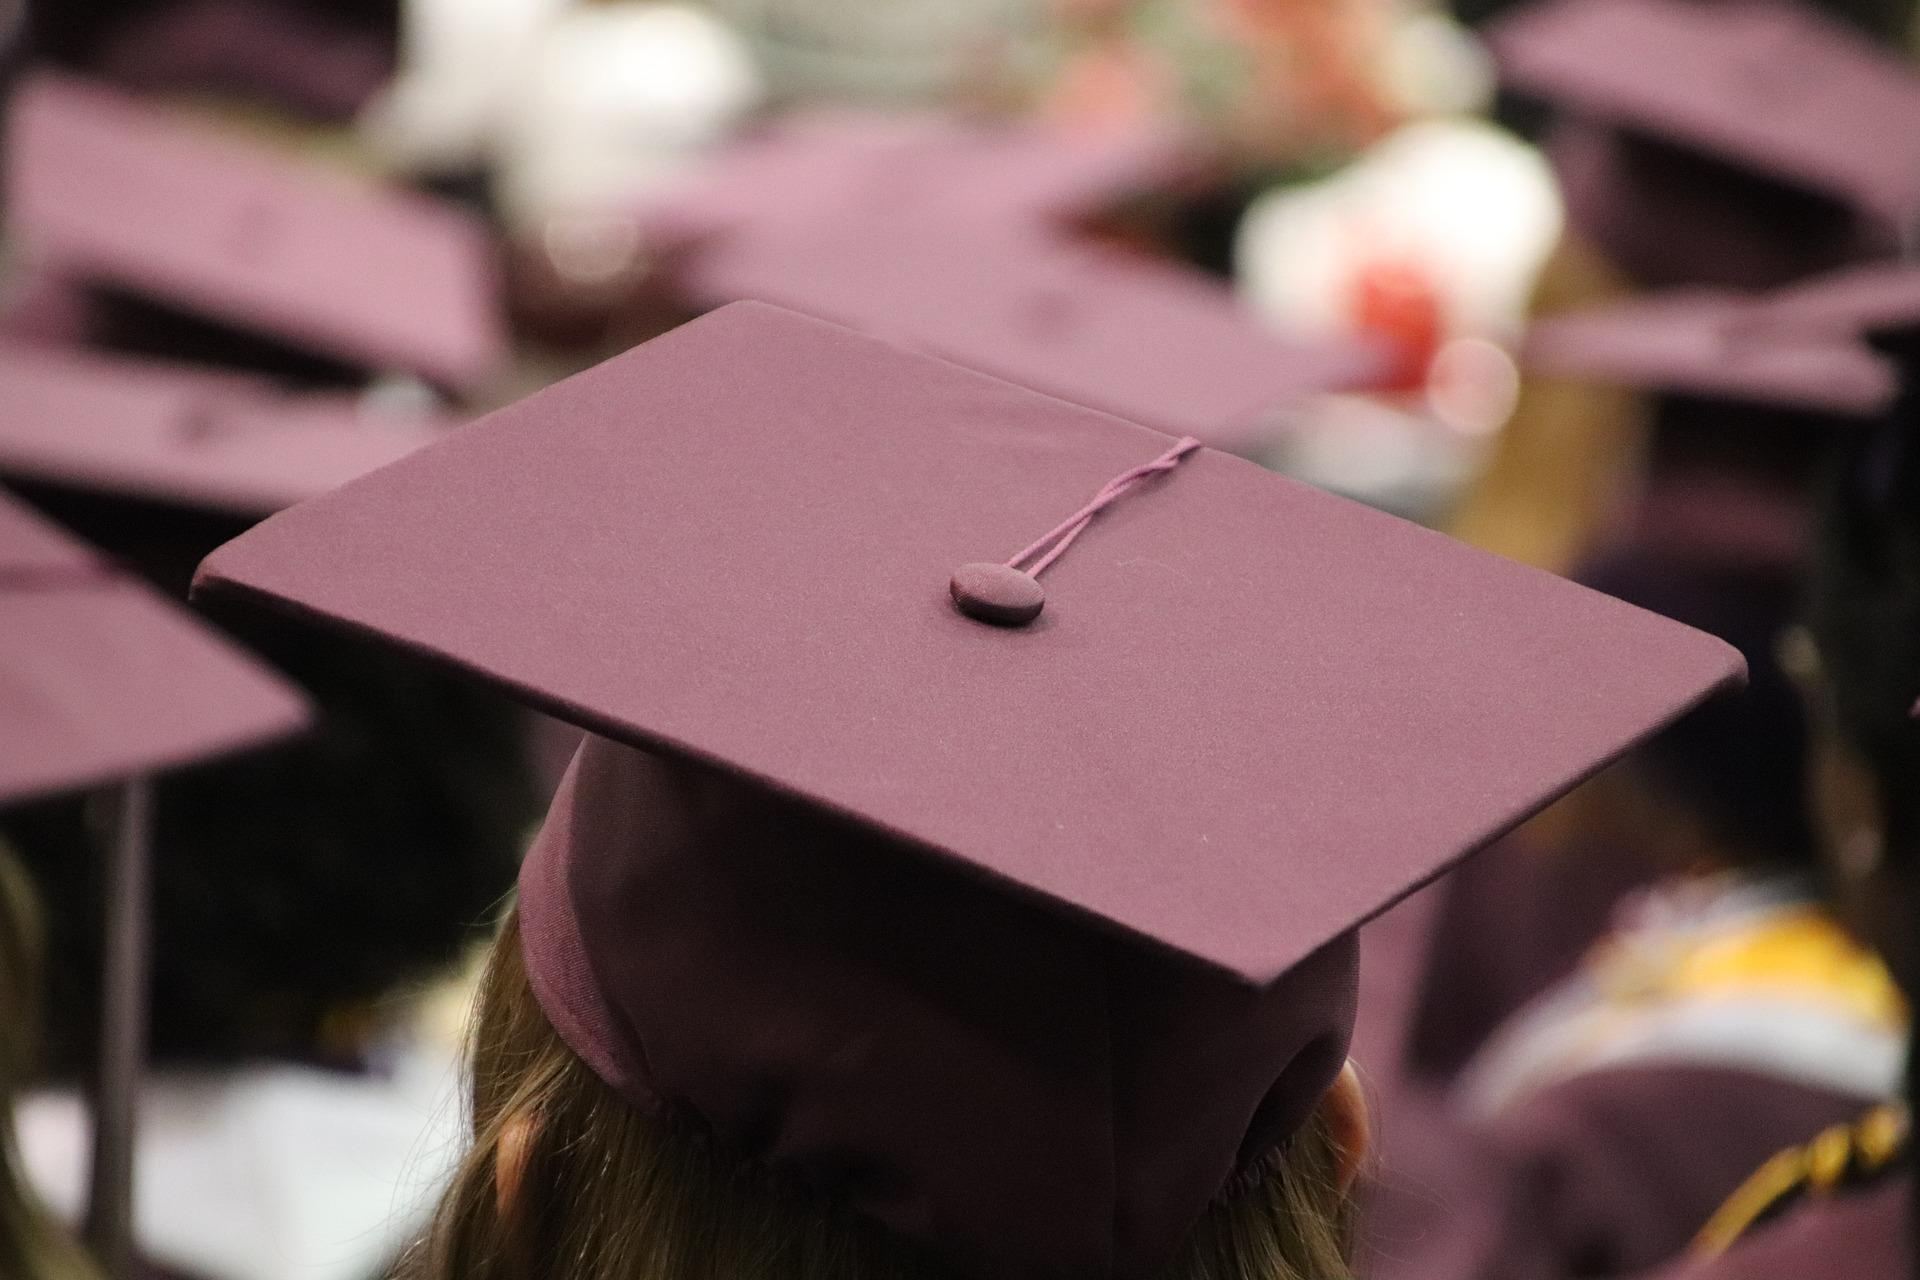 Новый формат подготовки выпускной квалификационной работы начнут использовать в техникуме Красина